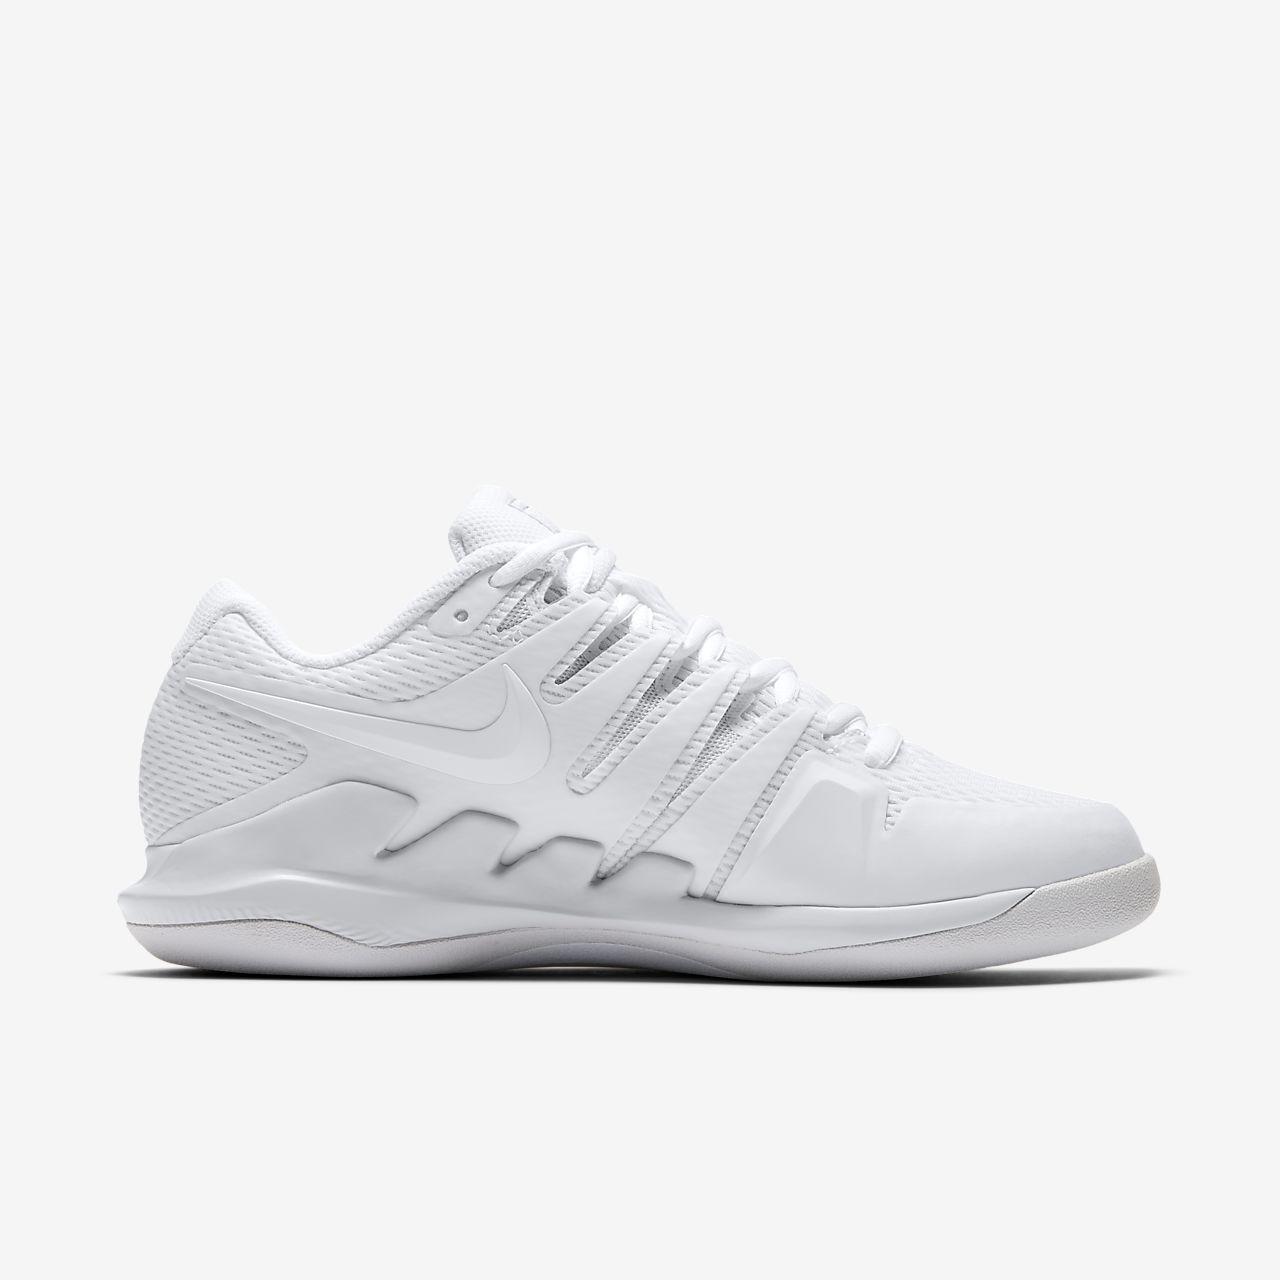 new product 3782c 75fe6 ... Tennissko Nike Air Zoom Vapor 10 Carpet för kvinnor